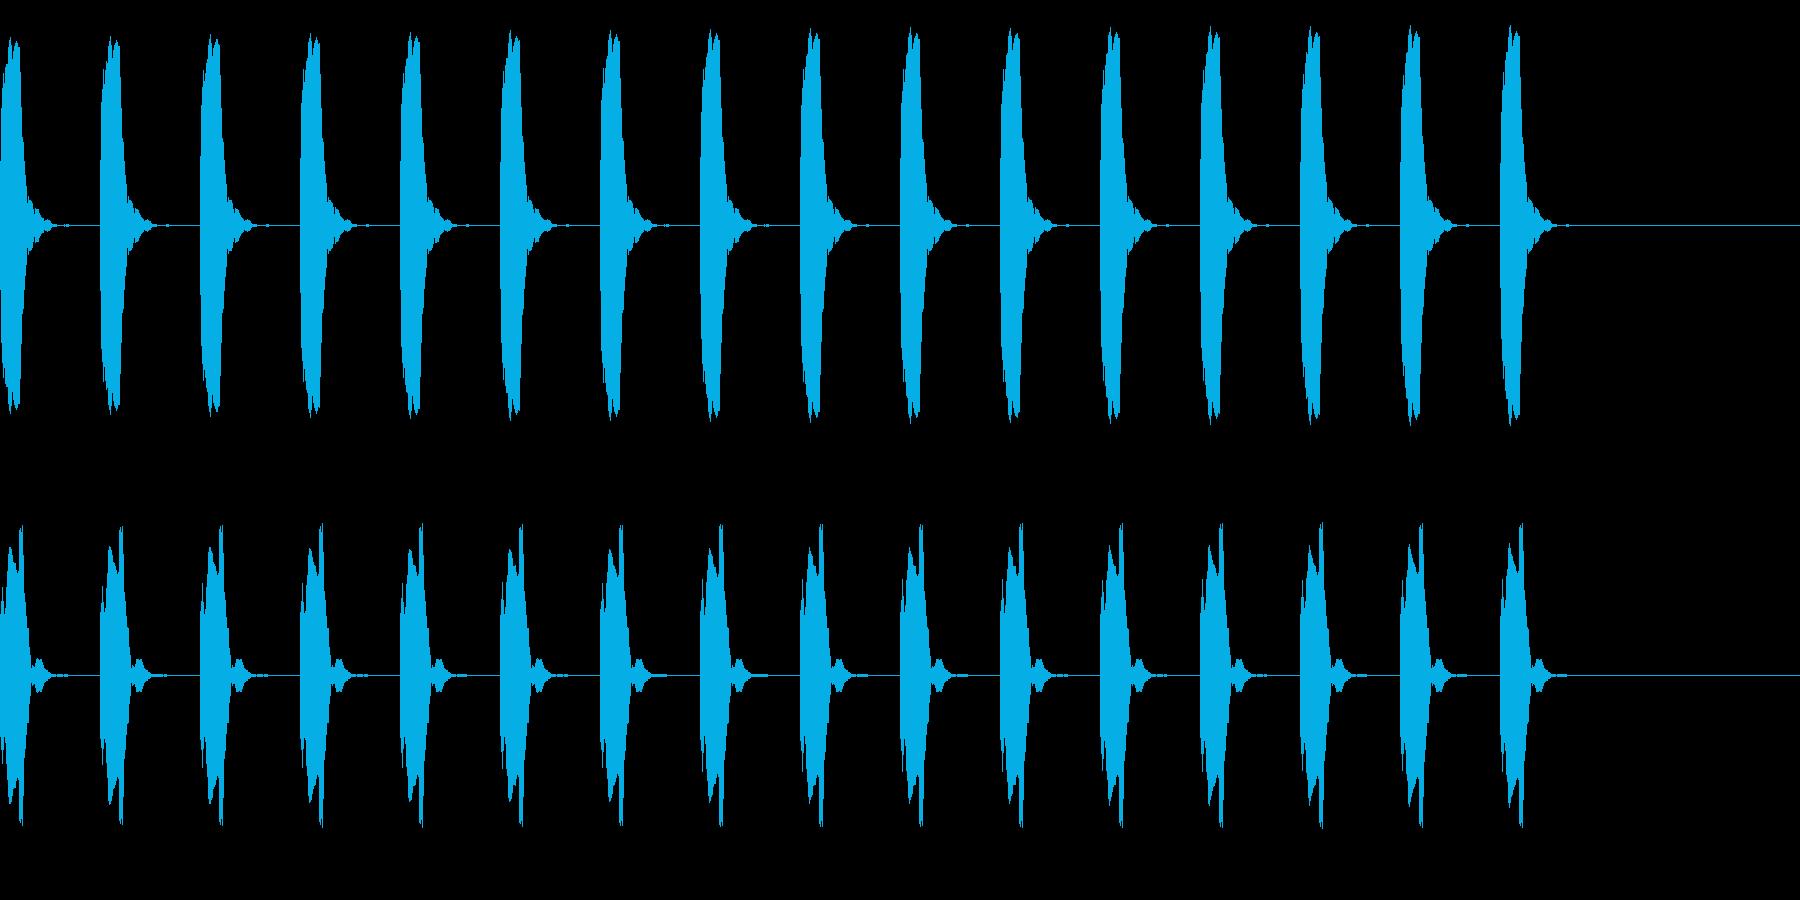 ピー、ピー、心電図の音 リバーブの再生済みの波形